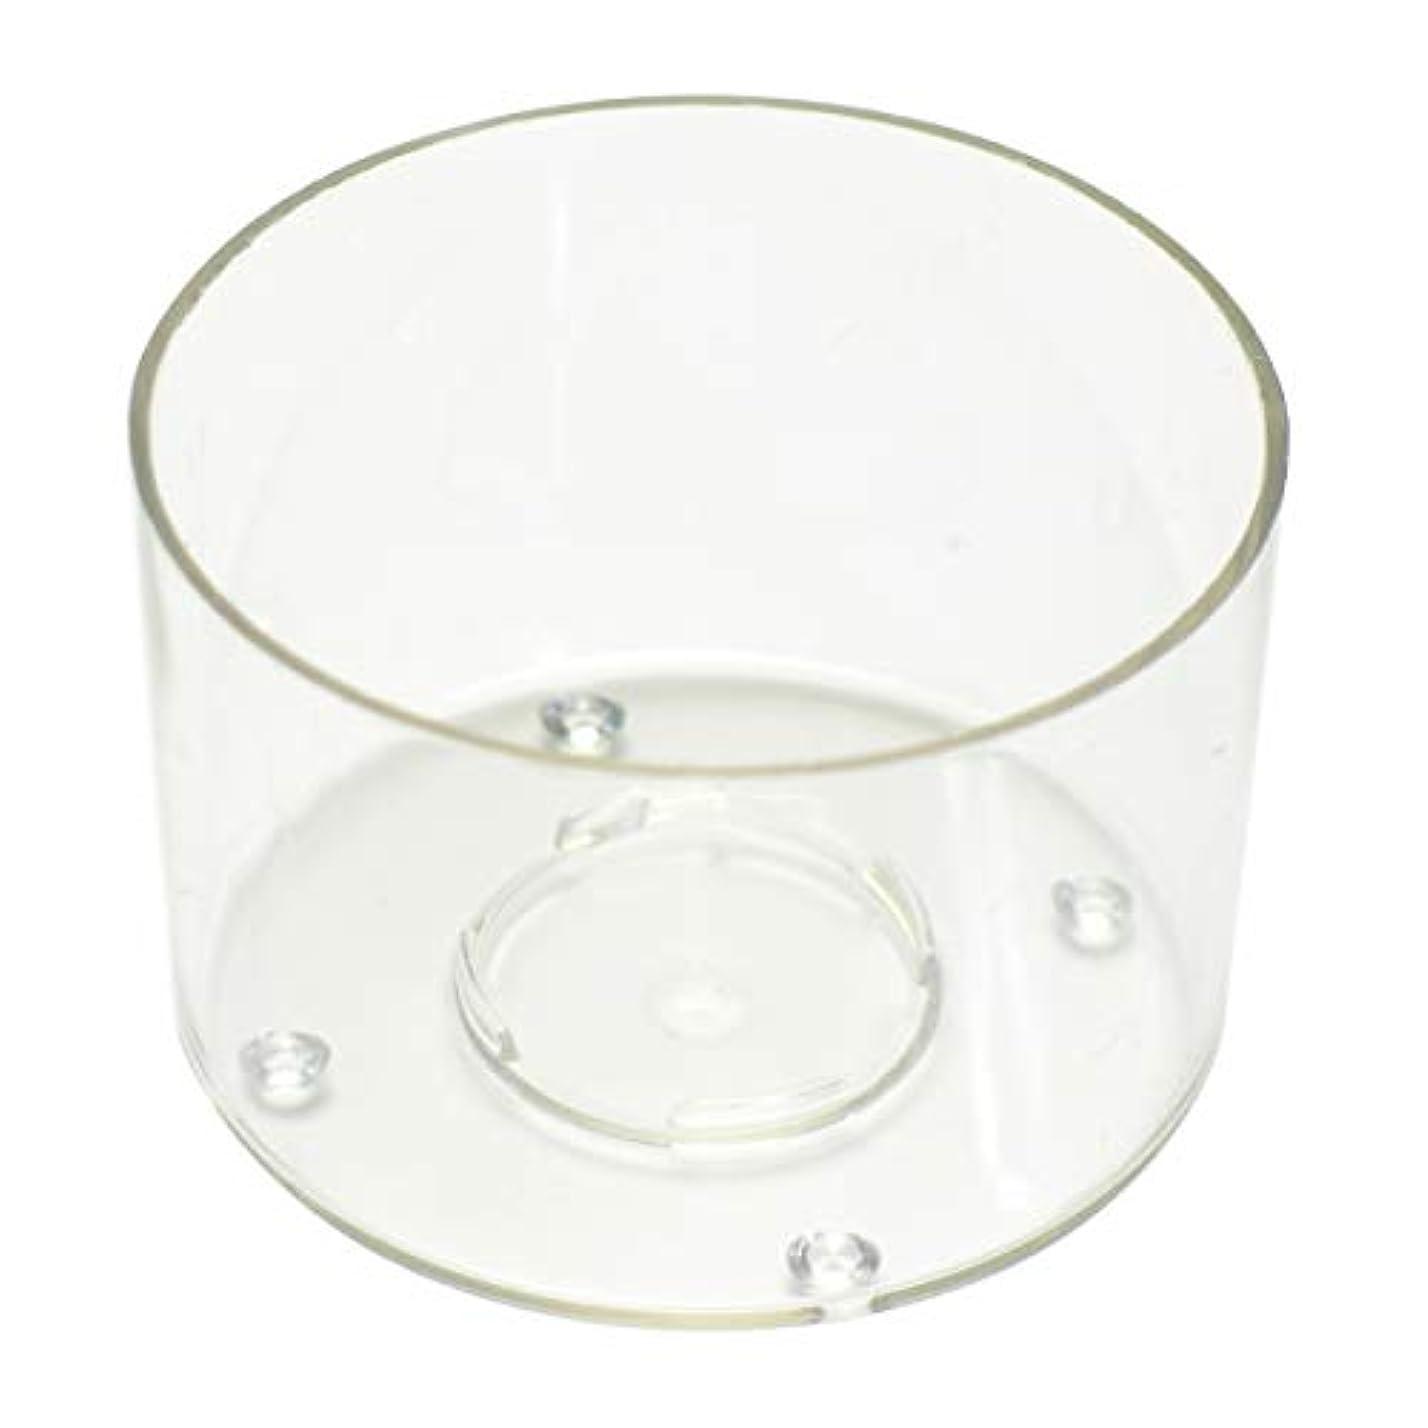 スピリチュアル保安年金ティーライトキャンドル用 クリアカップ 直径40mm×高さ26mm 20個入り 材料 手作り